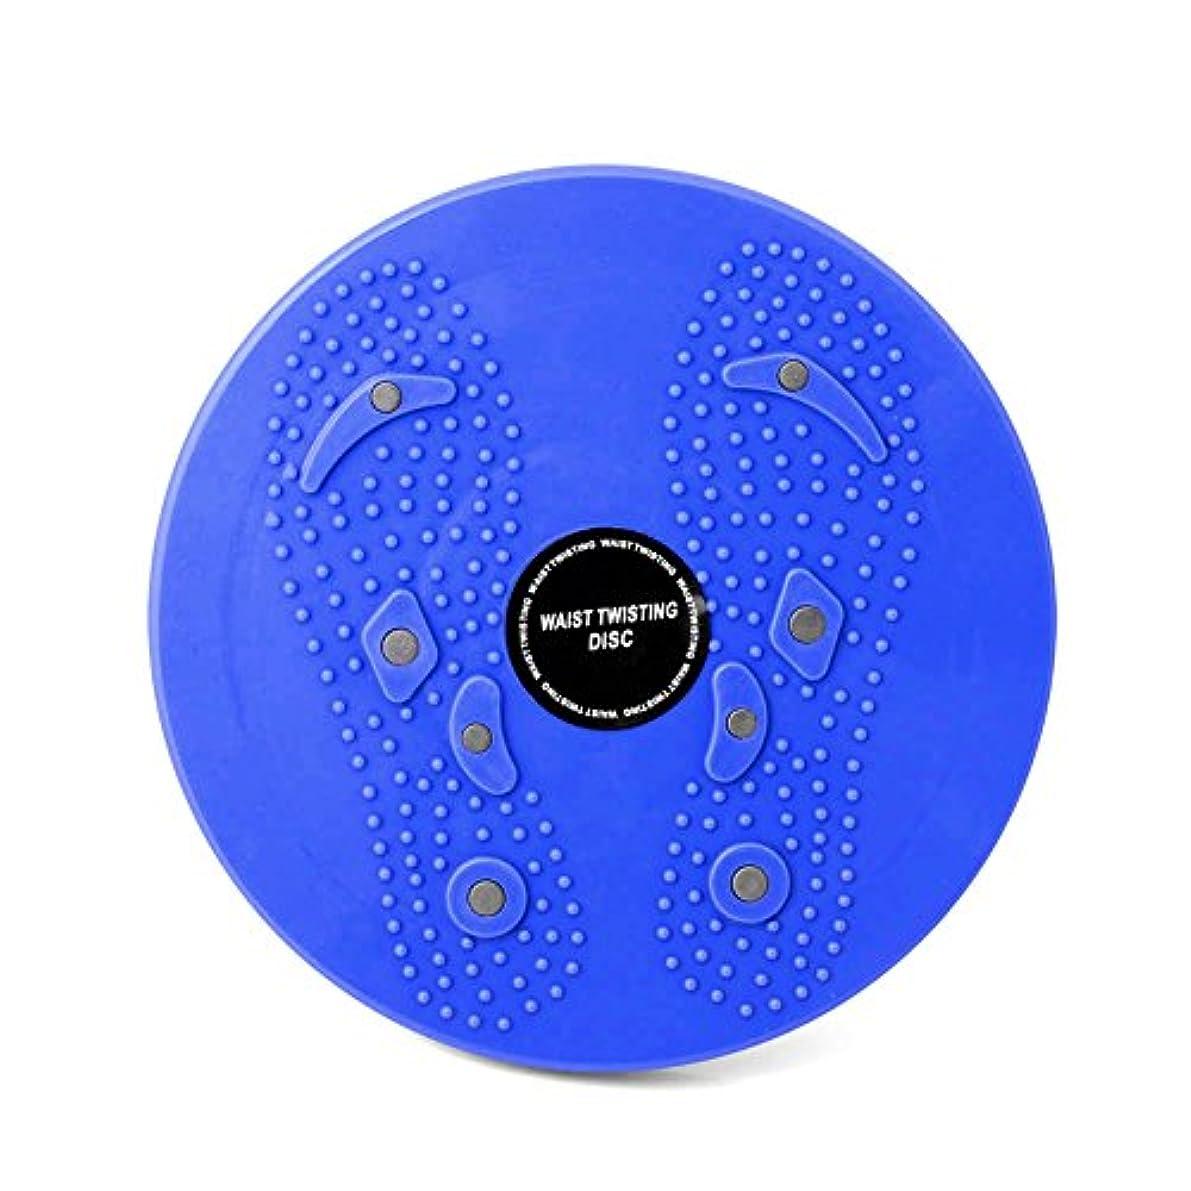 幾何学配置大人CreamCat 1096/5000 腰ねじれディスク メディカルサポート バランスボード 体幹トレーニング ダイエット エクササイズ ストレッチボディ成形トレーニング